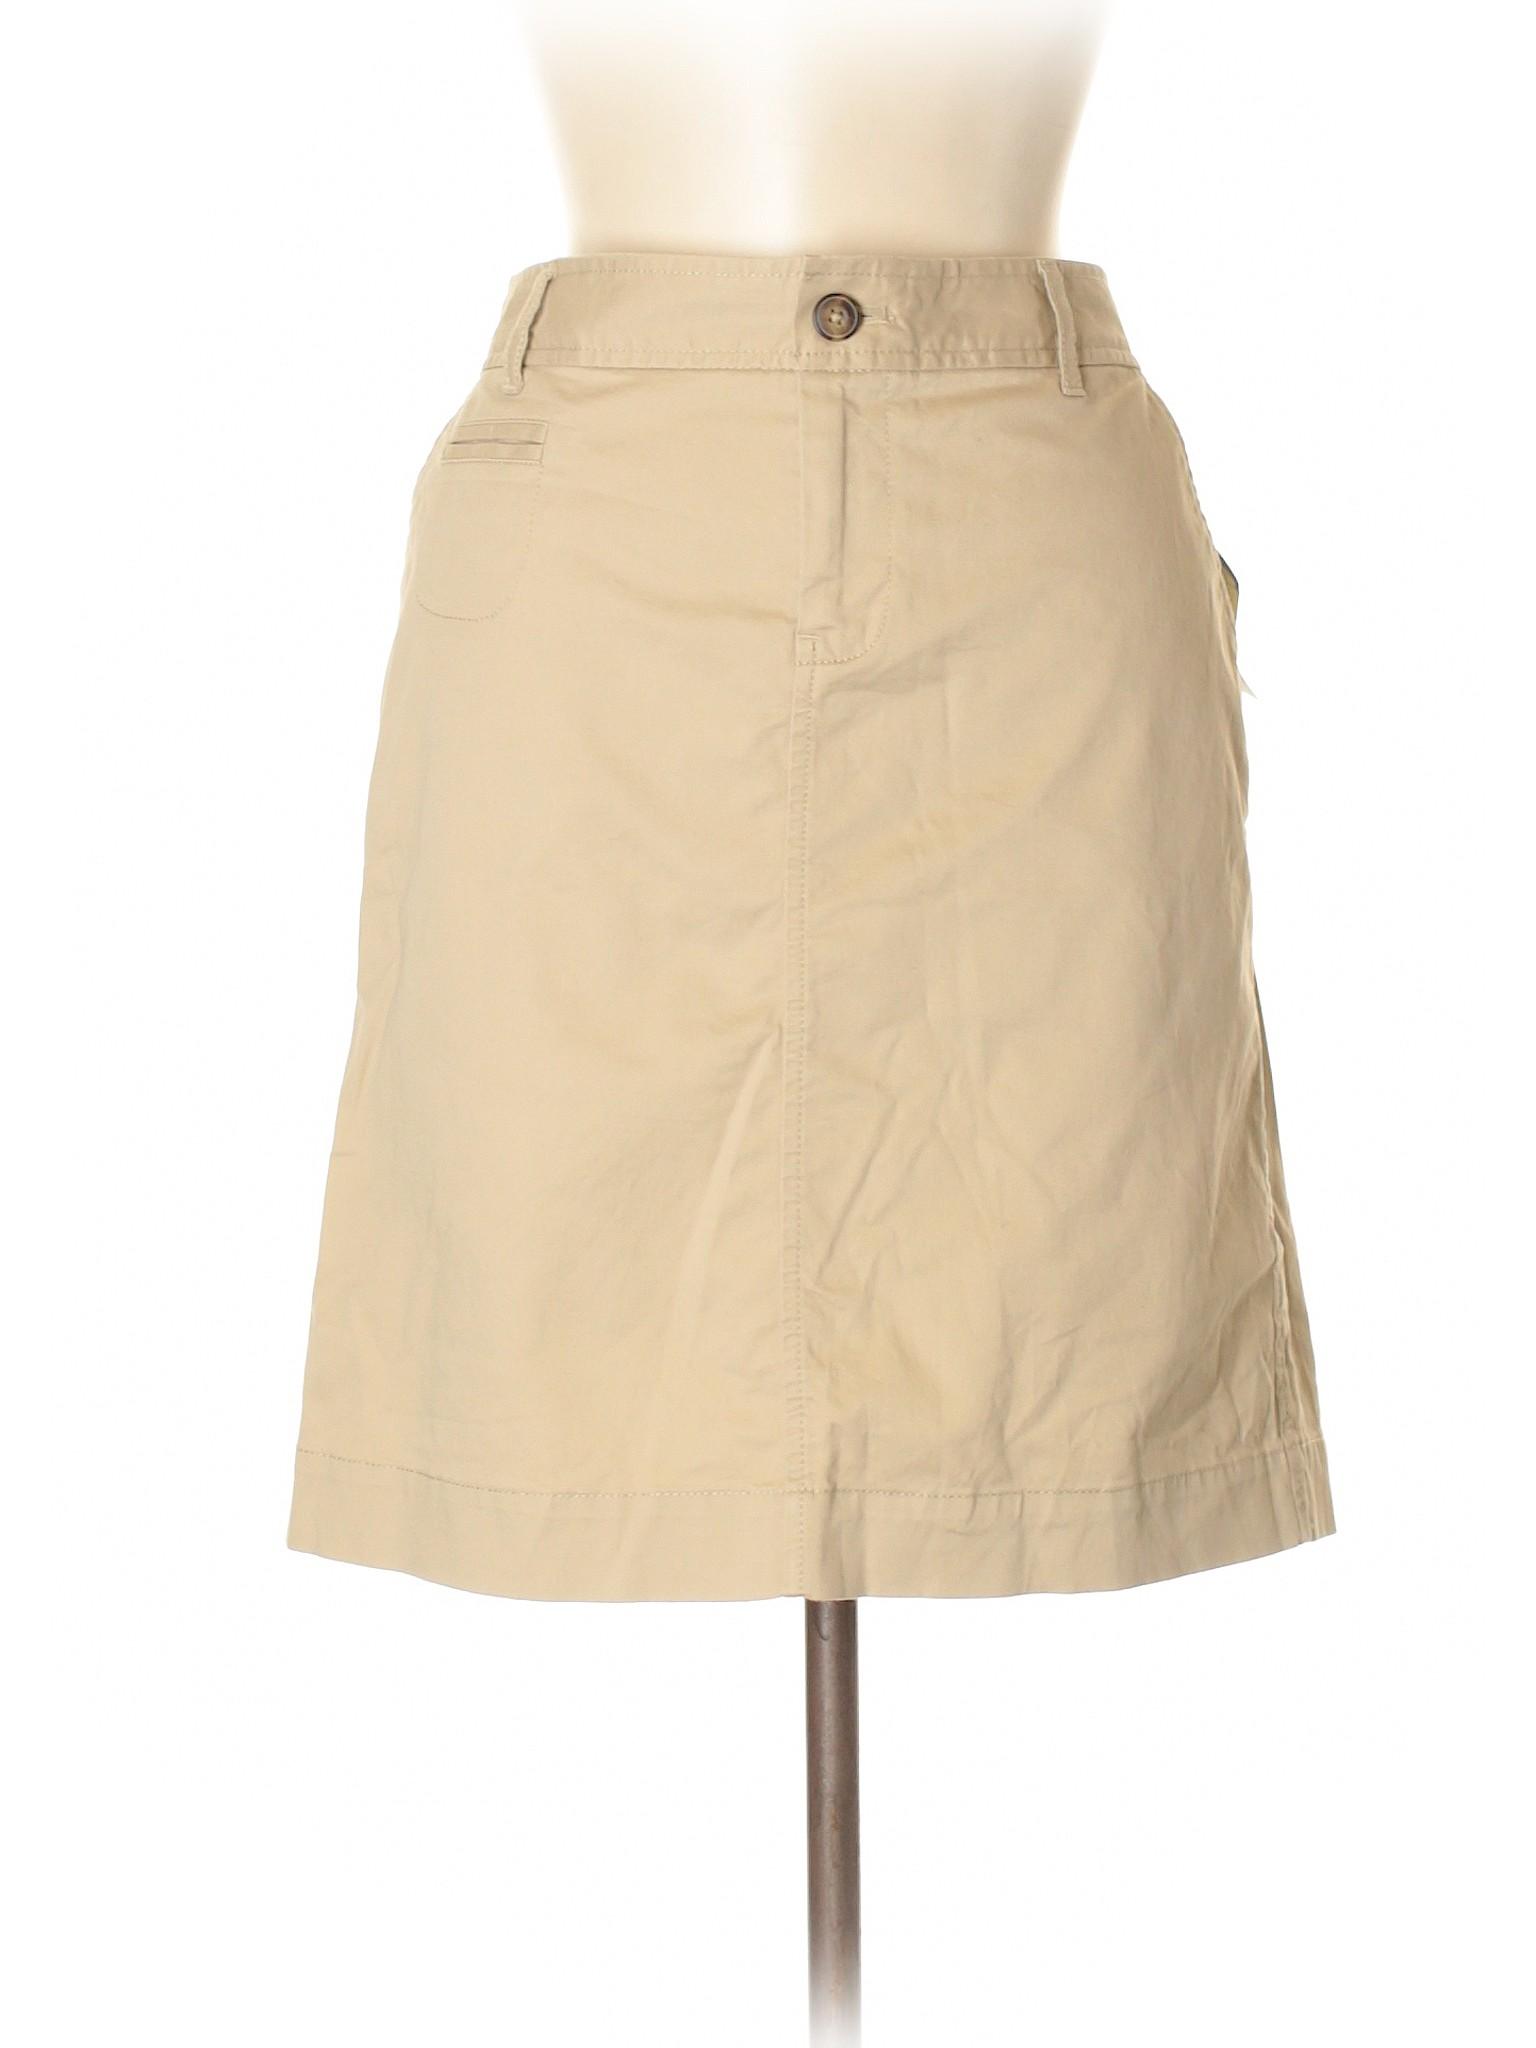 Boutique Casual Boutique Boutique Boutique Casual Skirt Casual Boutique Skirt Casual Skirt Skirt pBFqpxr